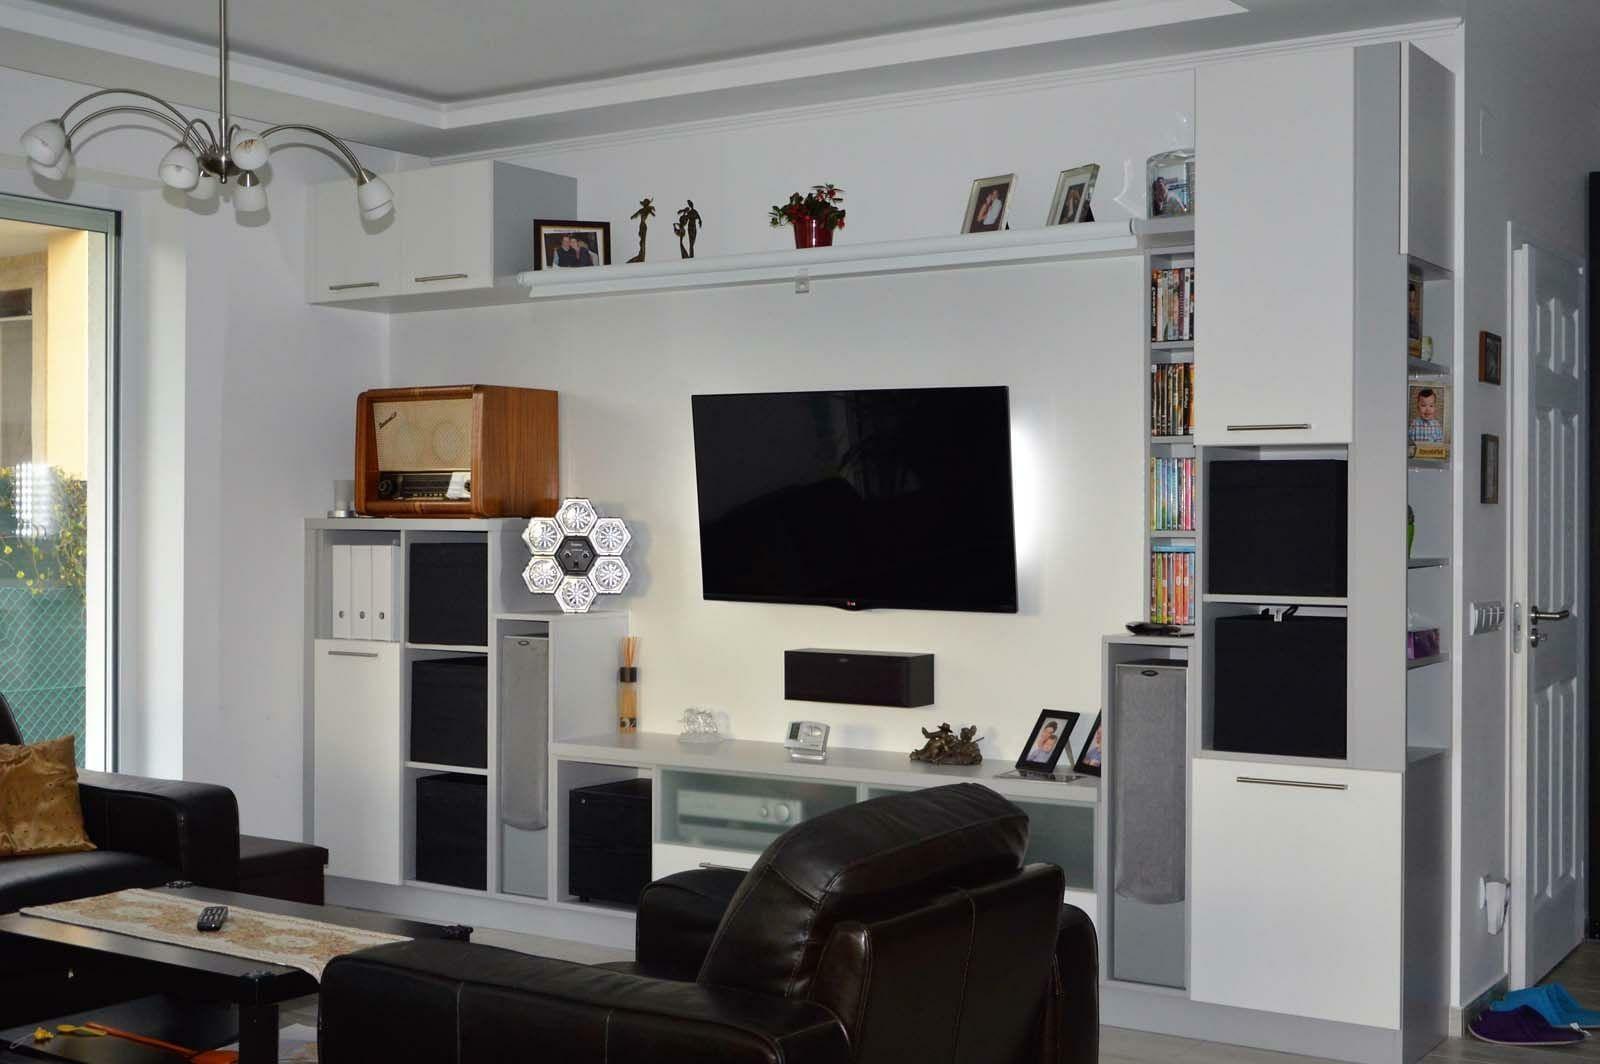 Egyedi nappali bútor készítés nyitott polcokkal, tv tartó konzollal, rejtett LED világítással, modern kivitelben